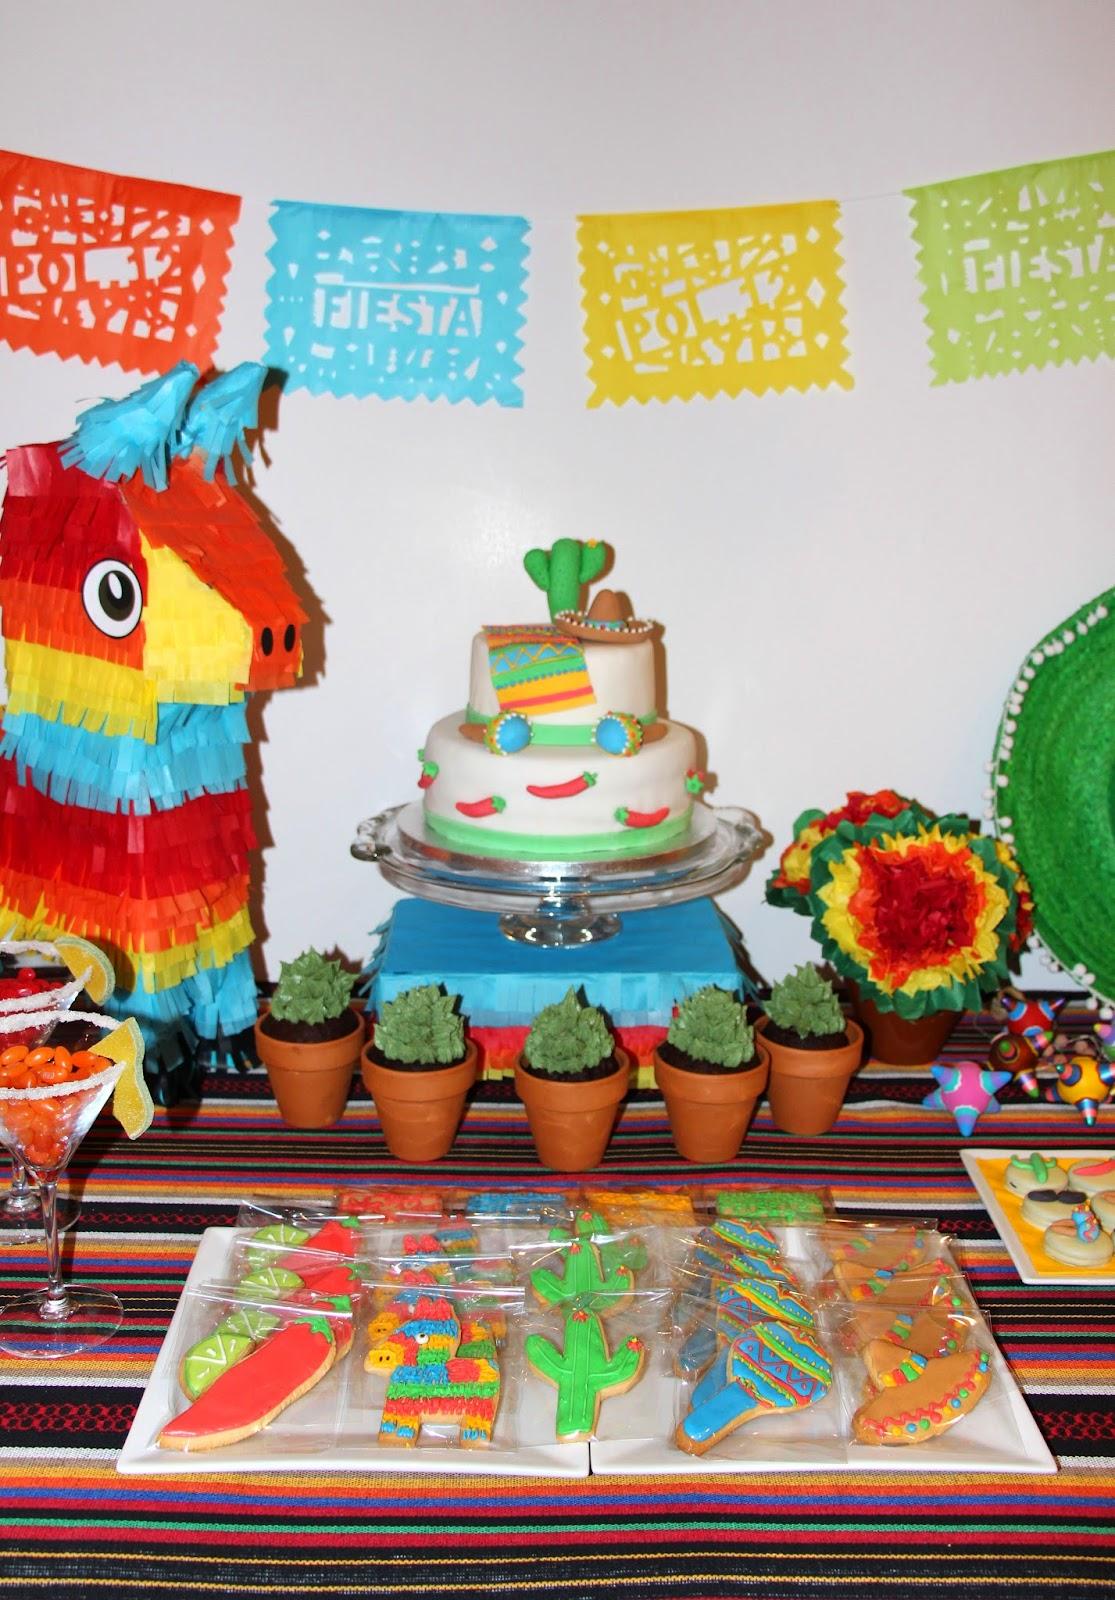 Mardefiesta fiesta mexicana for Decoracion mesas fiestas